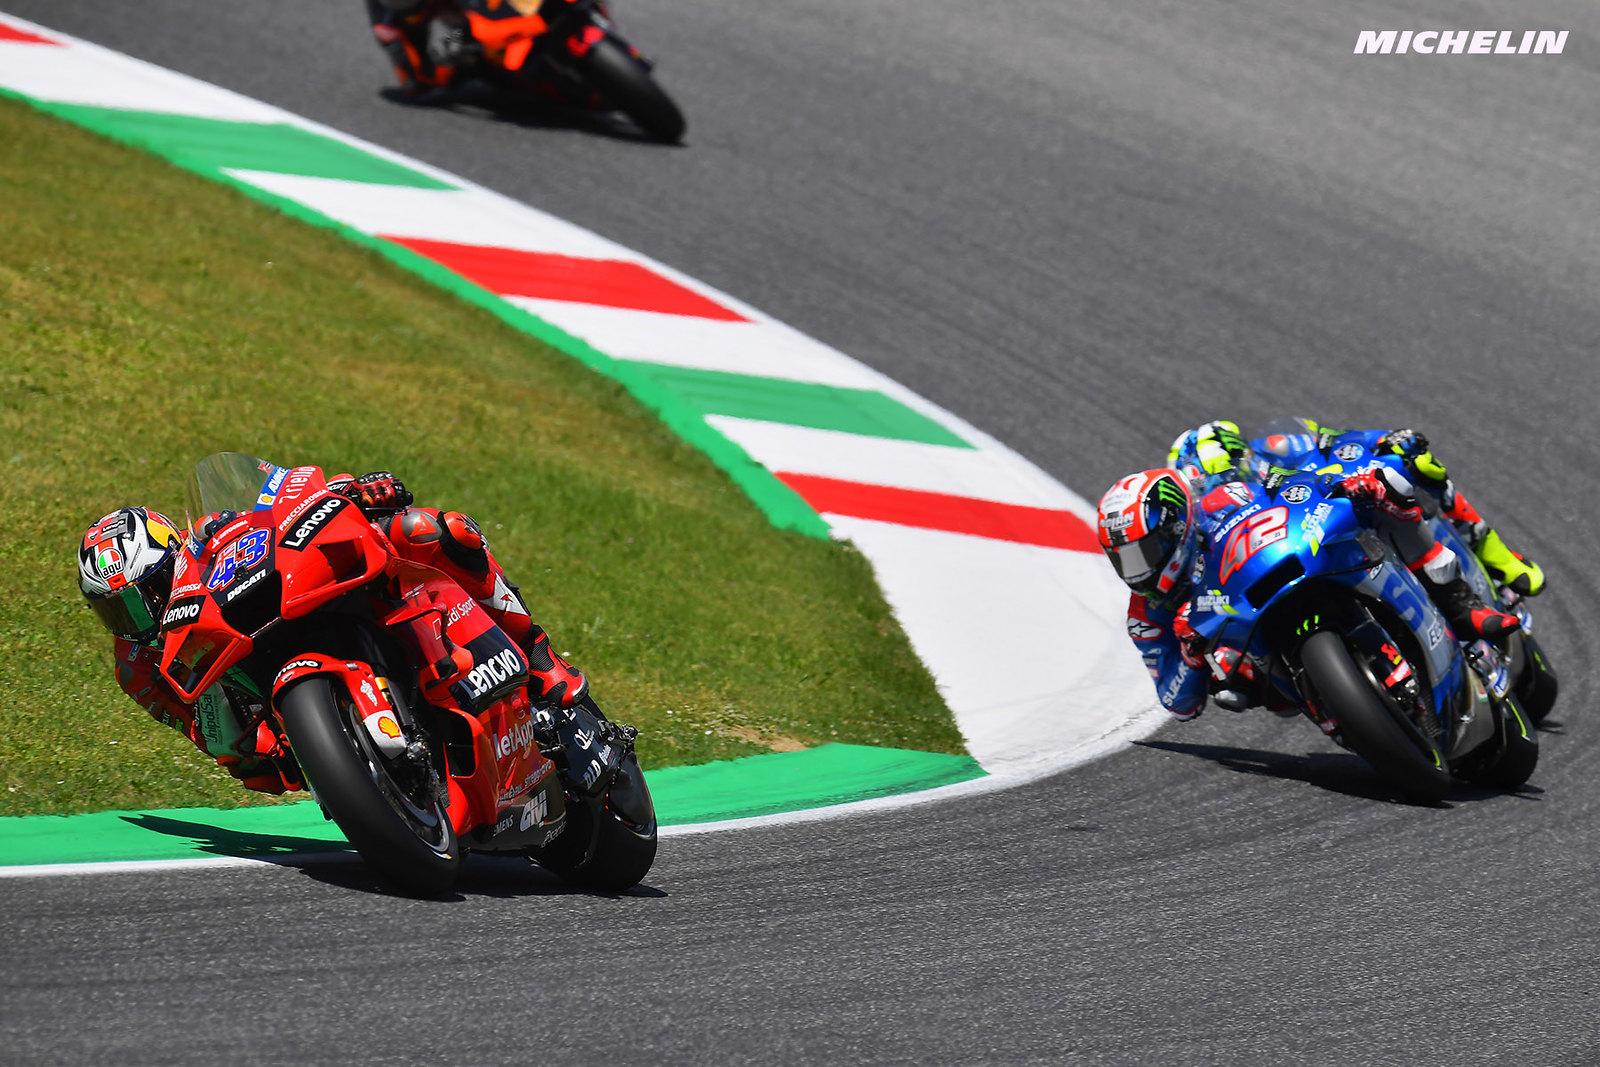 MotoGP2021イタリアGP 6位ジャック・ミラー「強風に苦戦したレースだった」